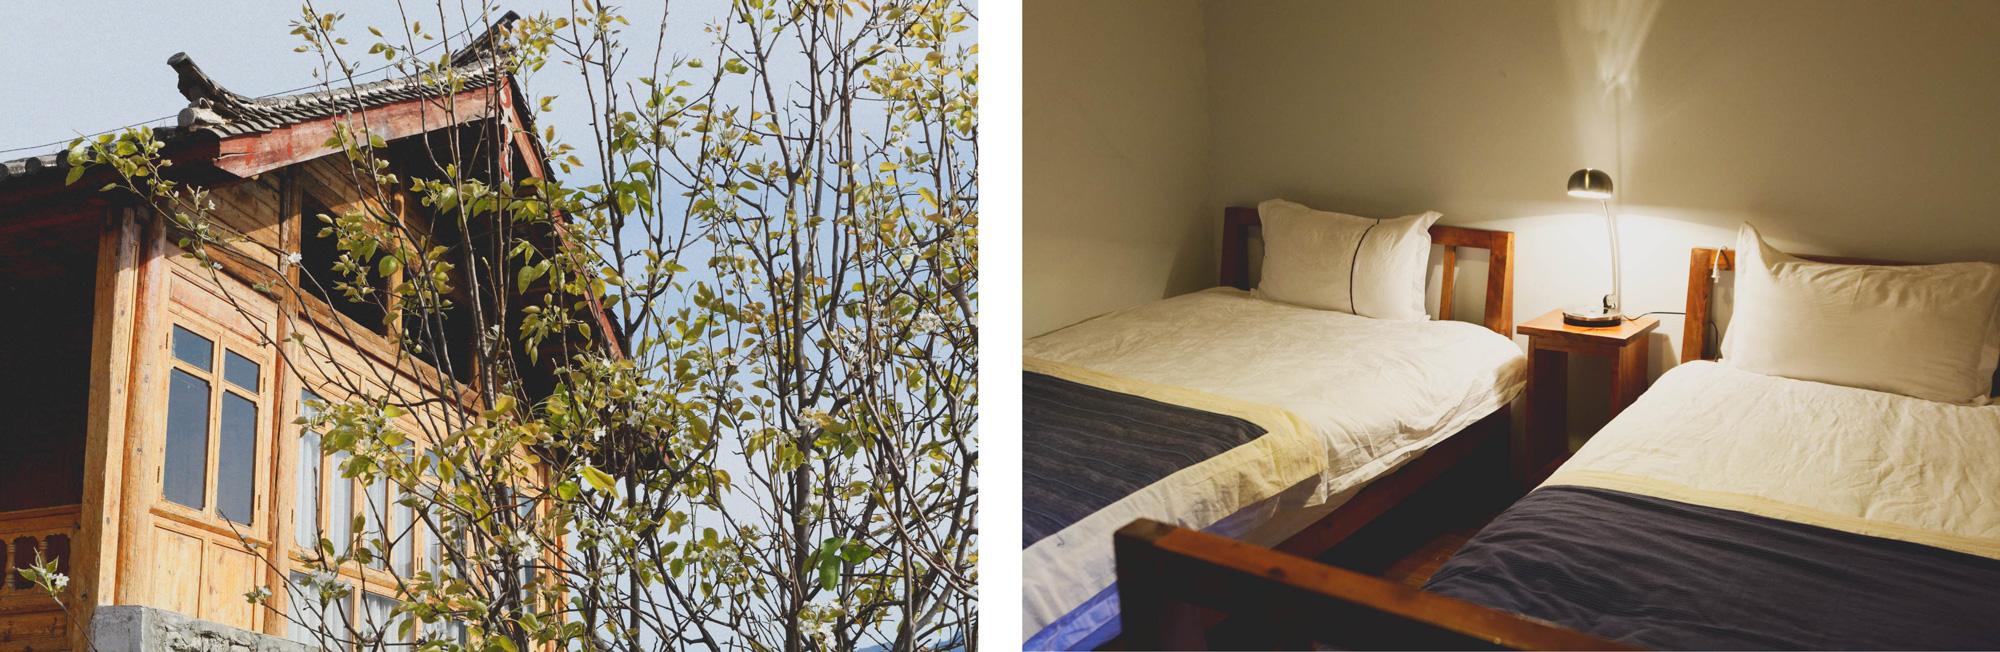 Huahuasei lodge : maison et chambre